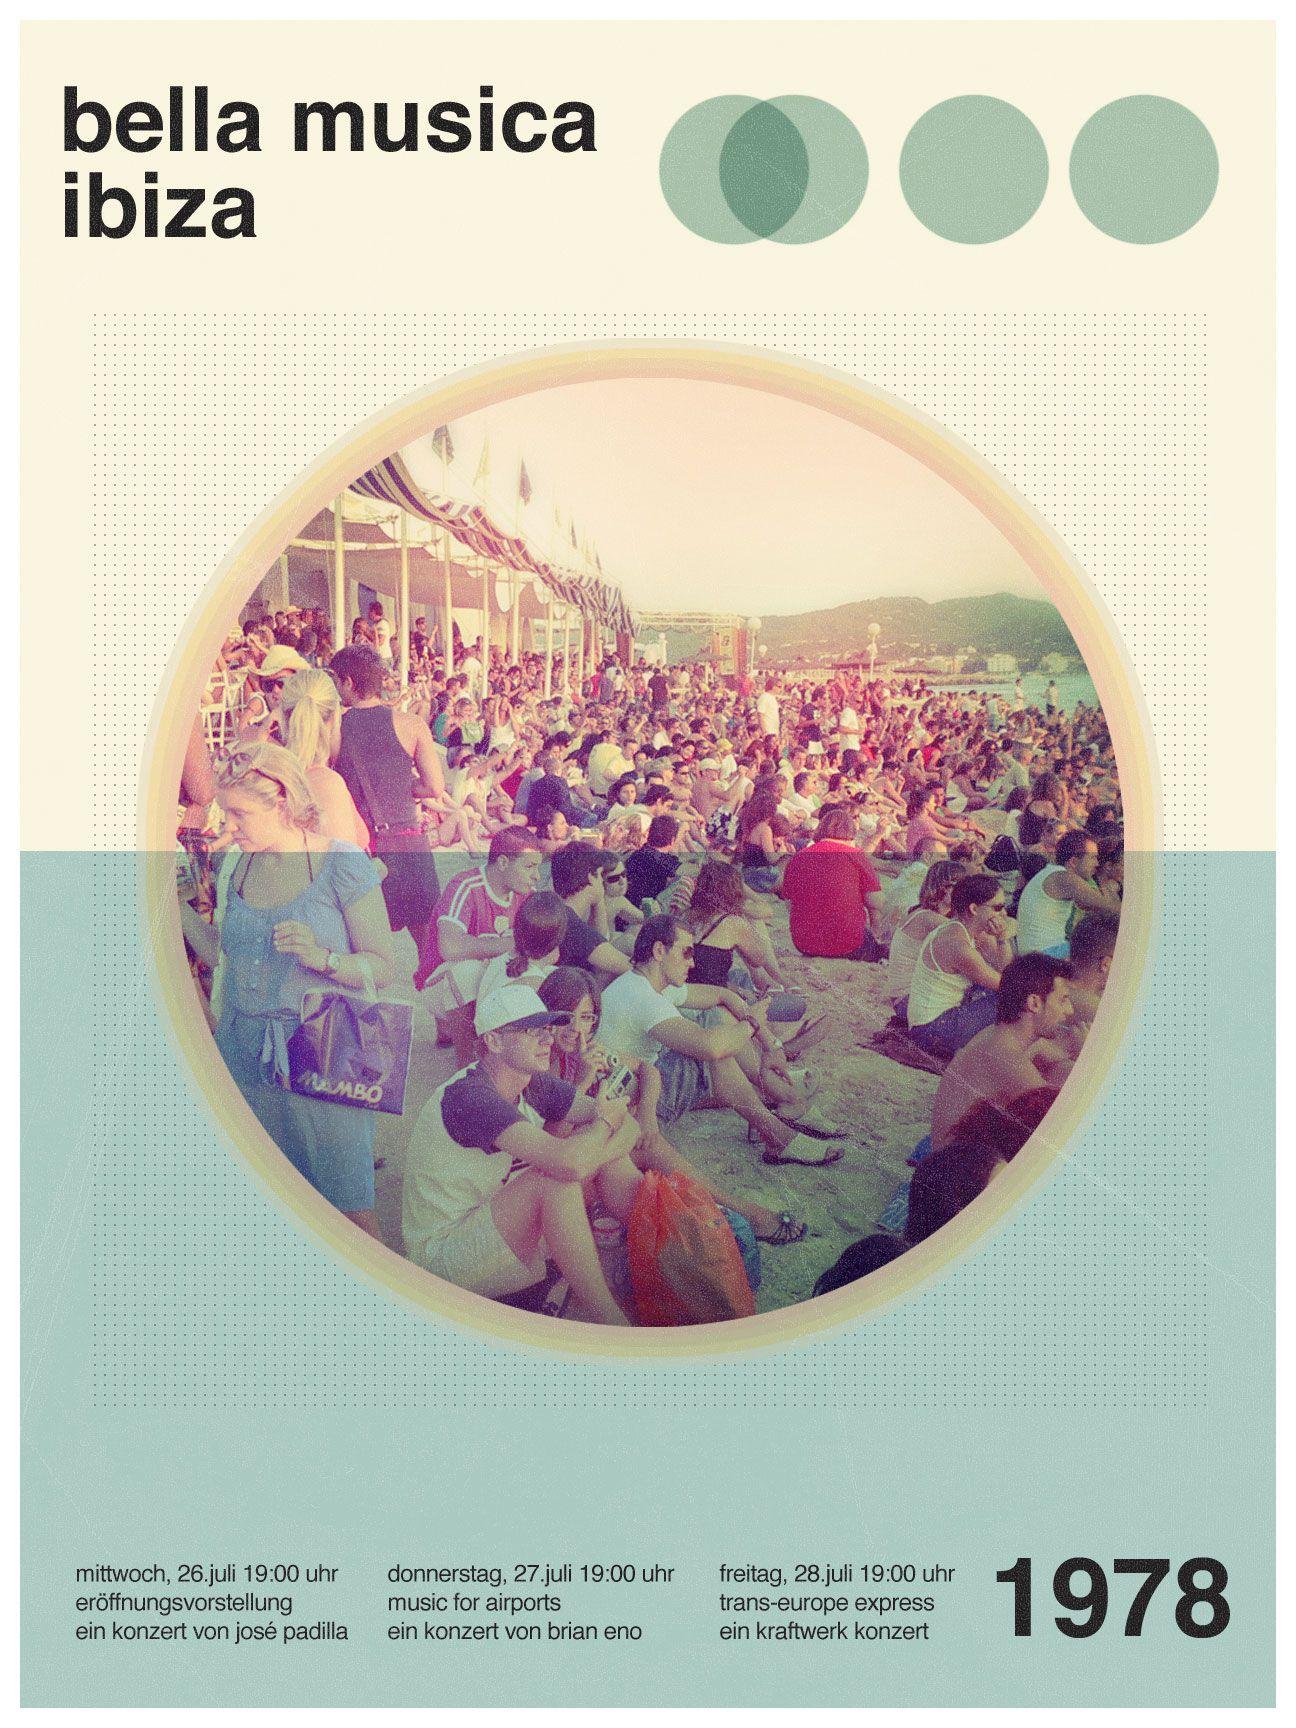 Swiss Style Music Festival Poster  Me intereso el tema de la cromía, los tons utilizados.